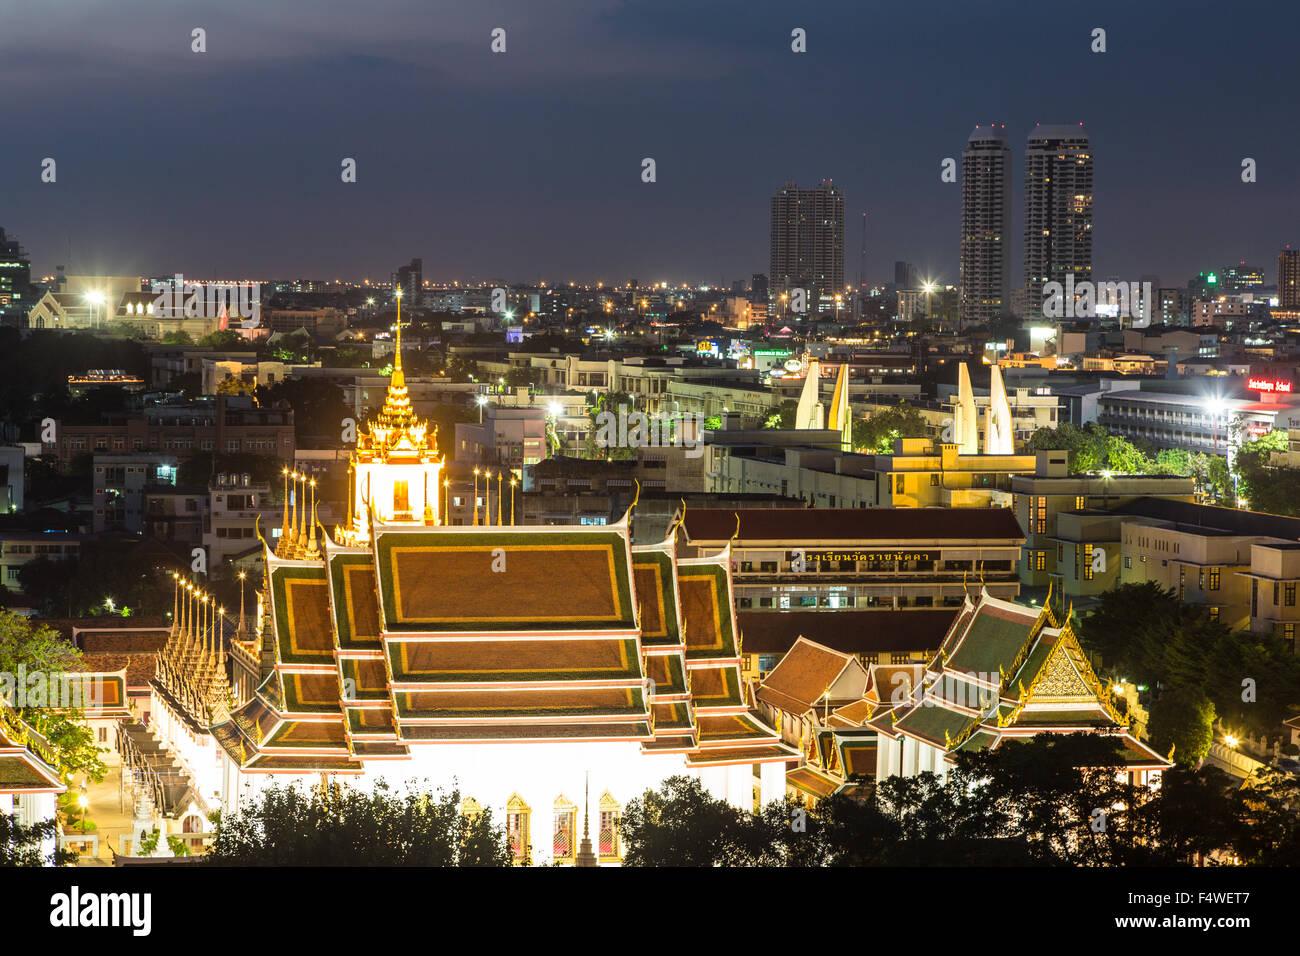 Una vista de noche de wat Thepthidaram en Bangkok ciudad vieja. Esta ciudad es la capital de Tailandia y salpicado Foto de stock